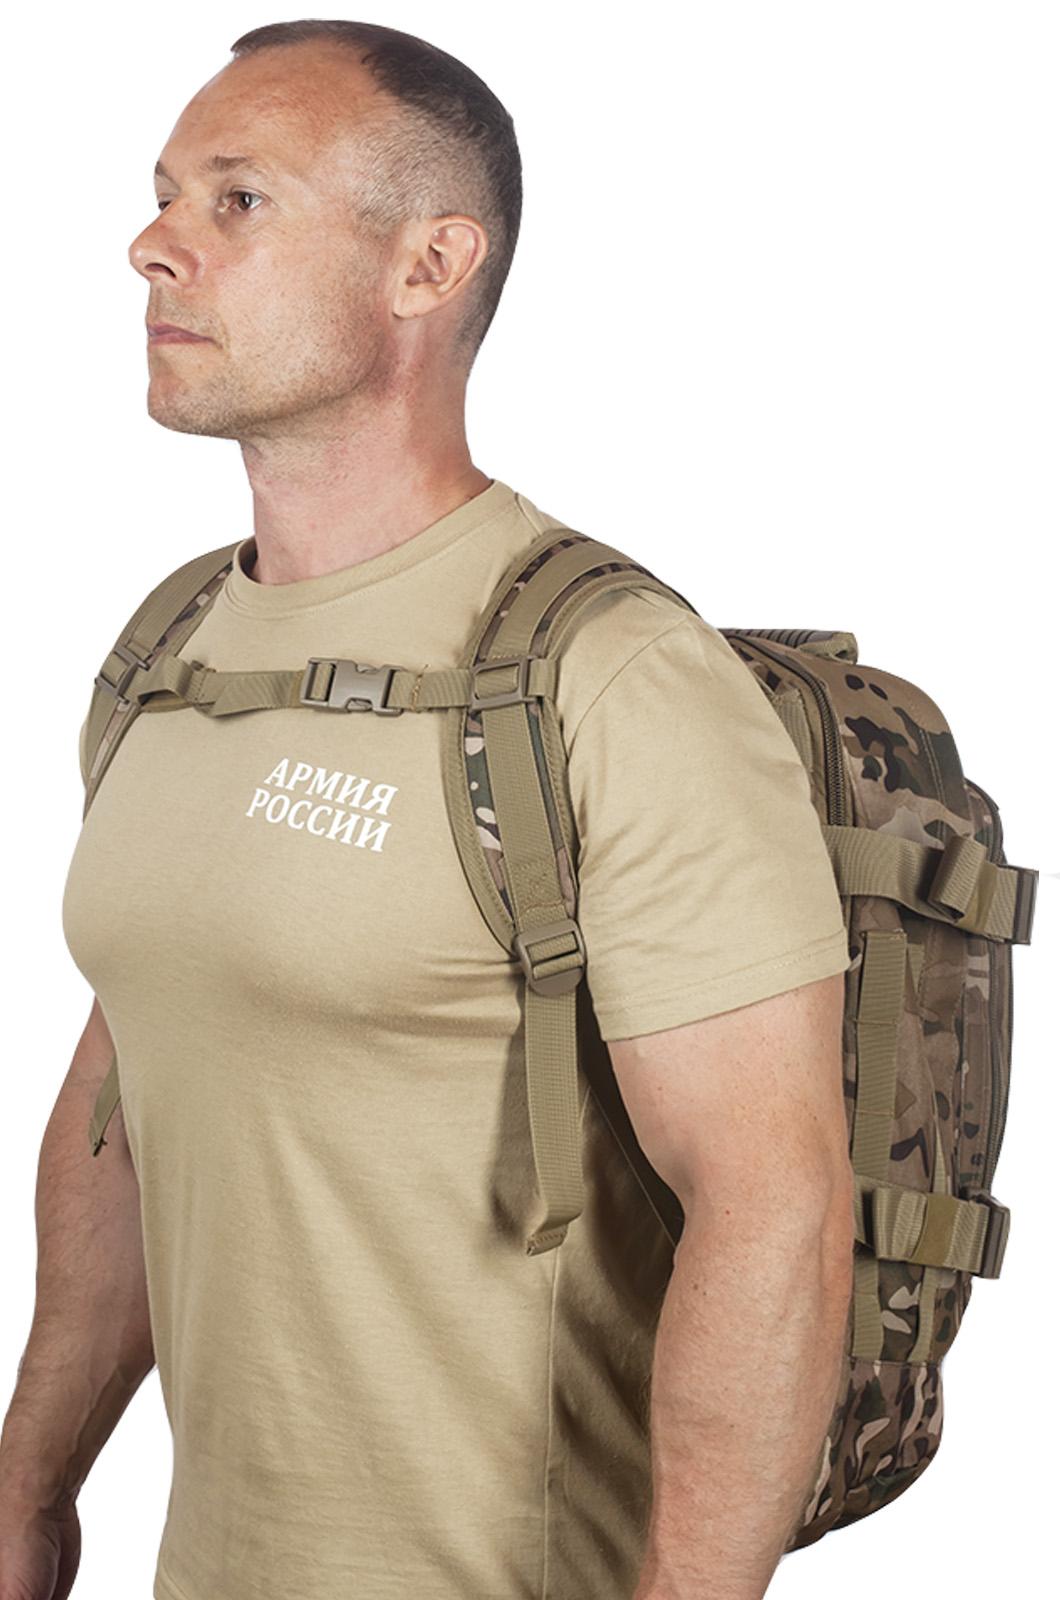 Зачетный трехдневный рюкзак с нашивкой Потомственный Казак - заказать в подарок